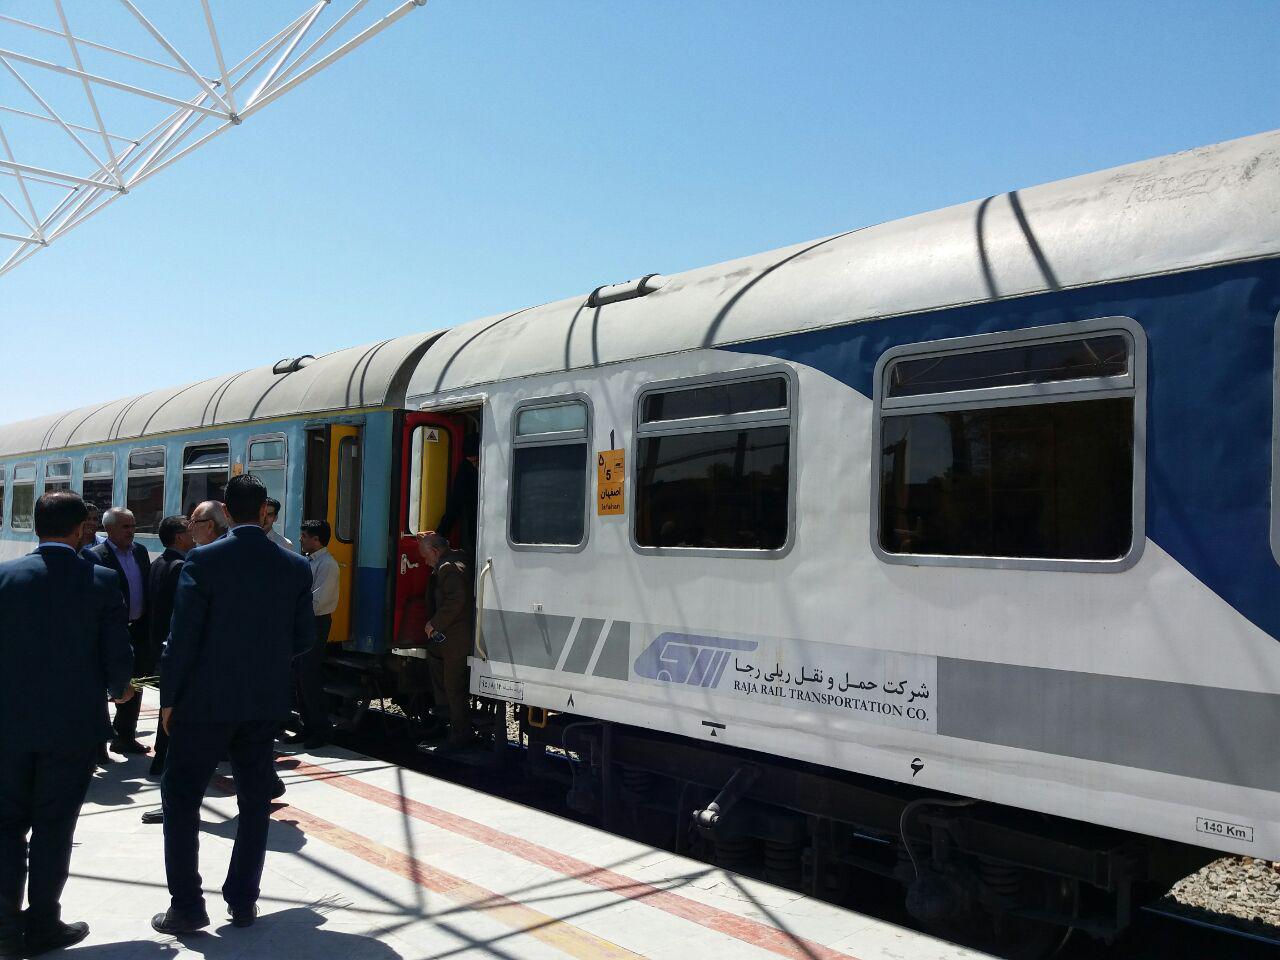 مقاوله نامه بینالمللی حمل و نقل مسافر و توشه با راه آهن (CIV)